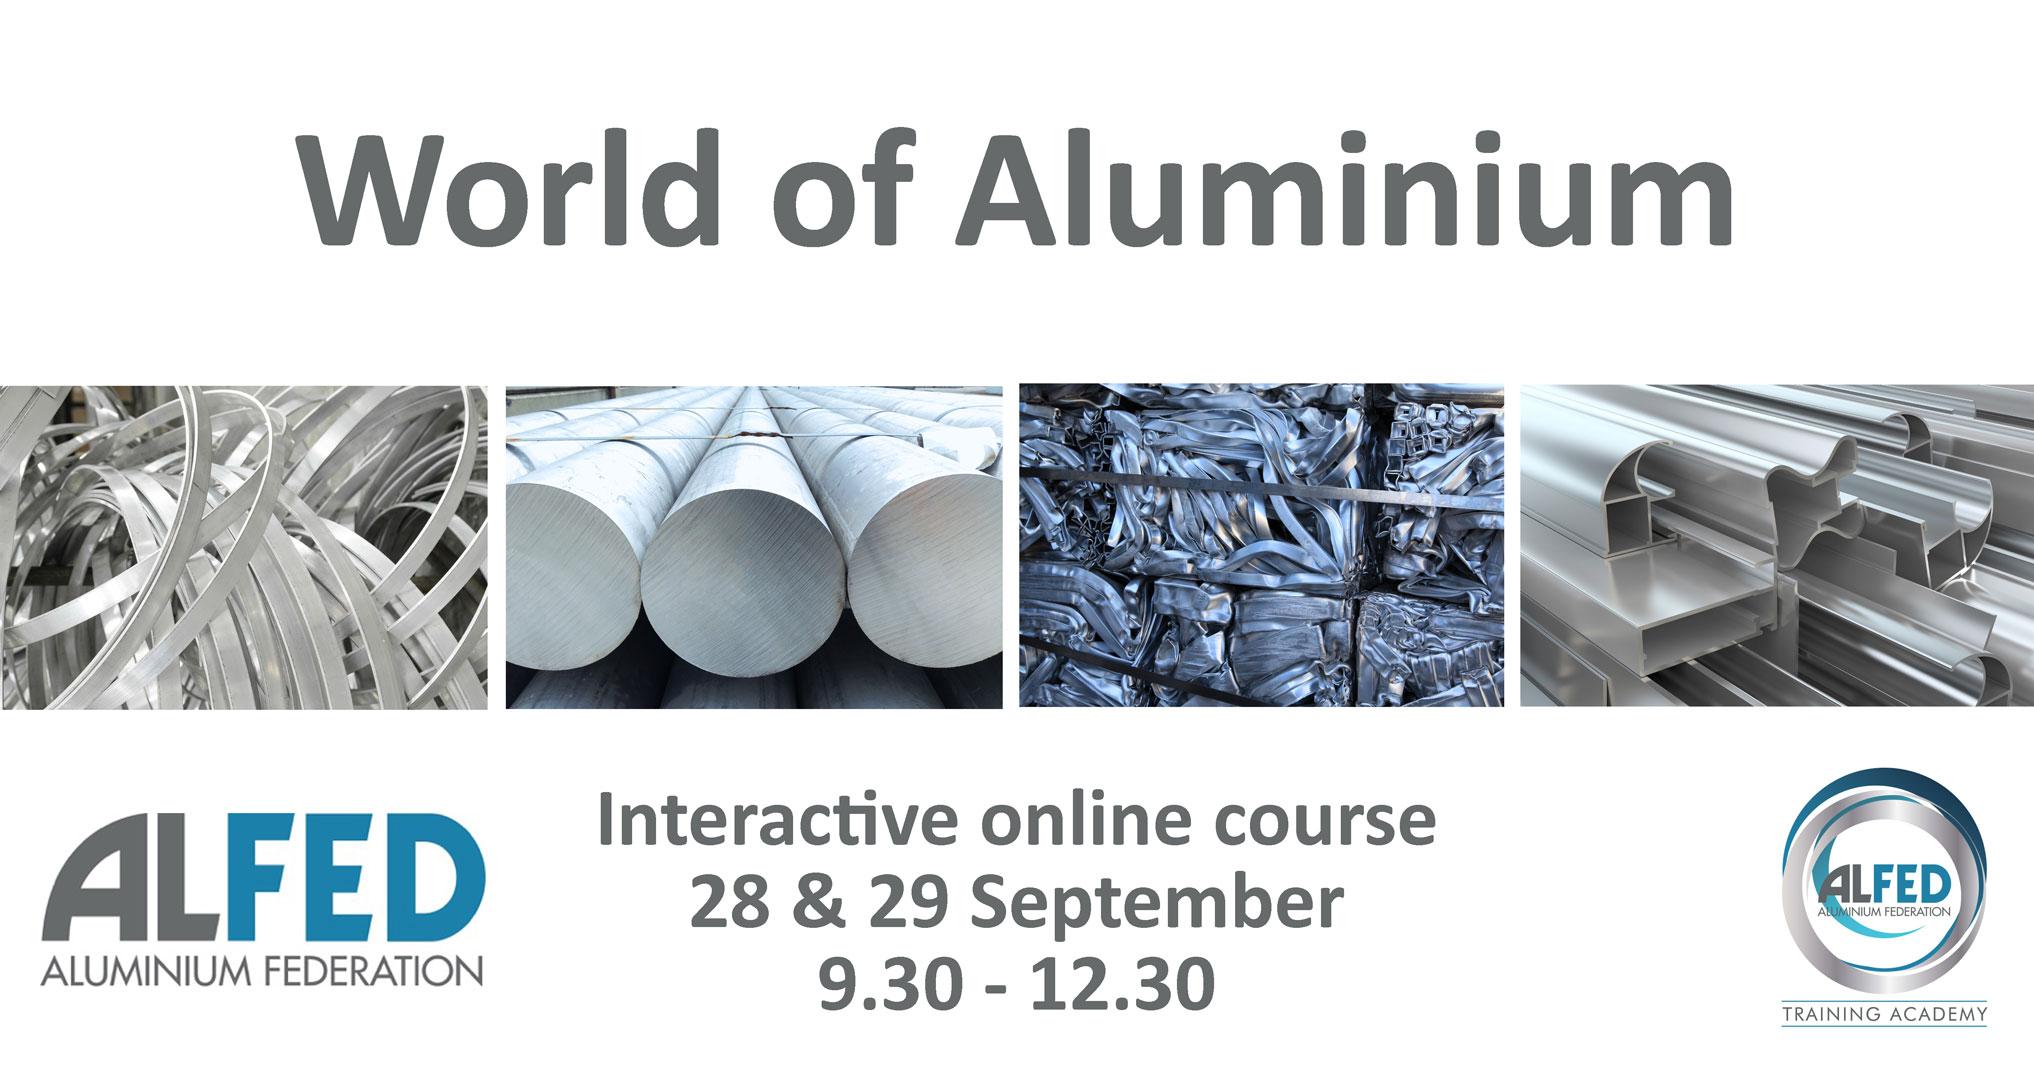 World of Aluminium course